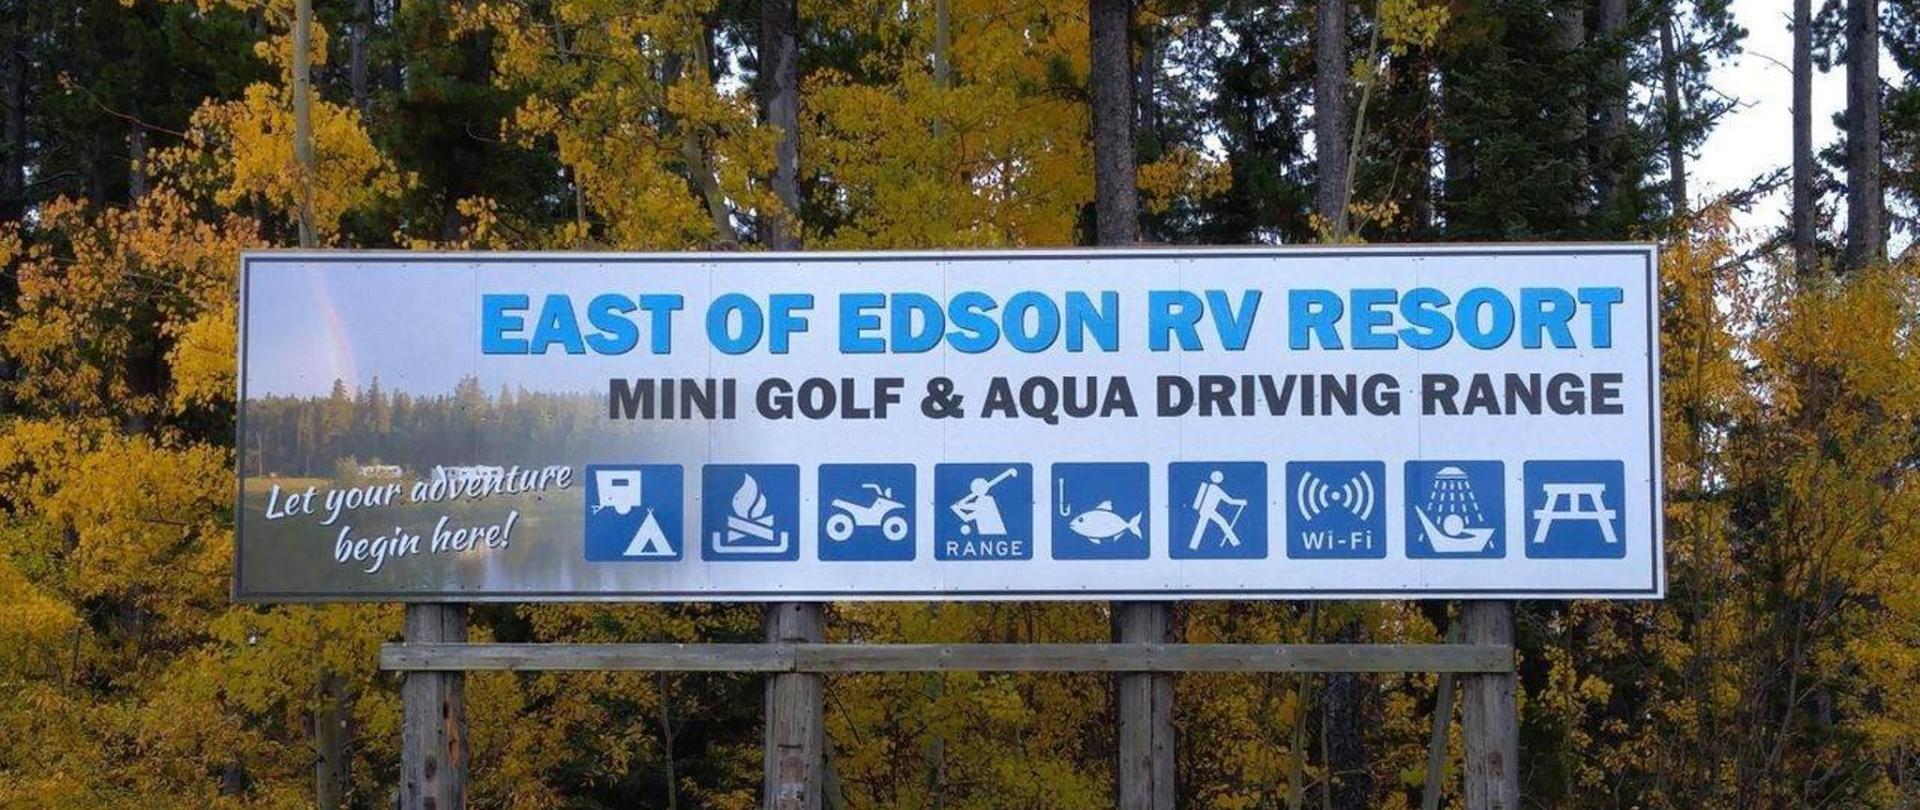 À l'est d'Edson RV Resort